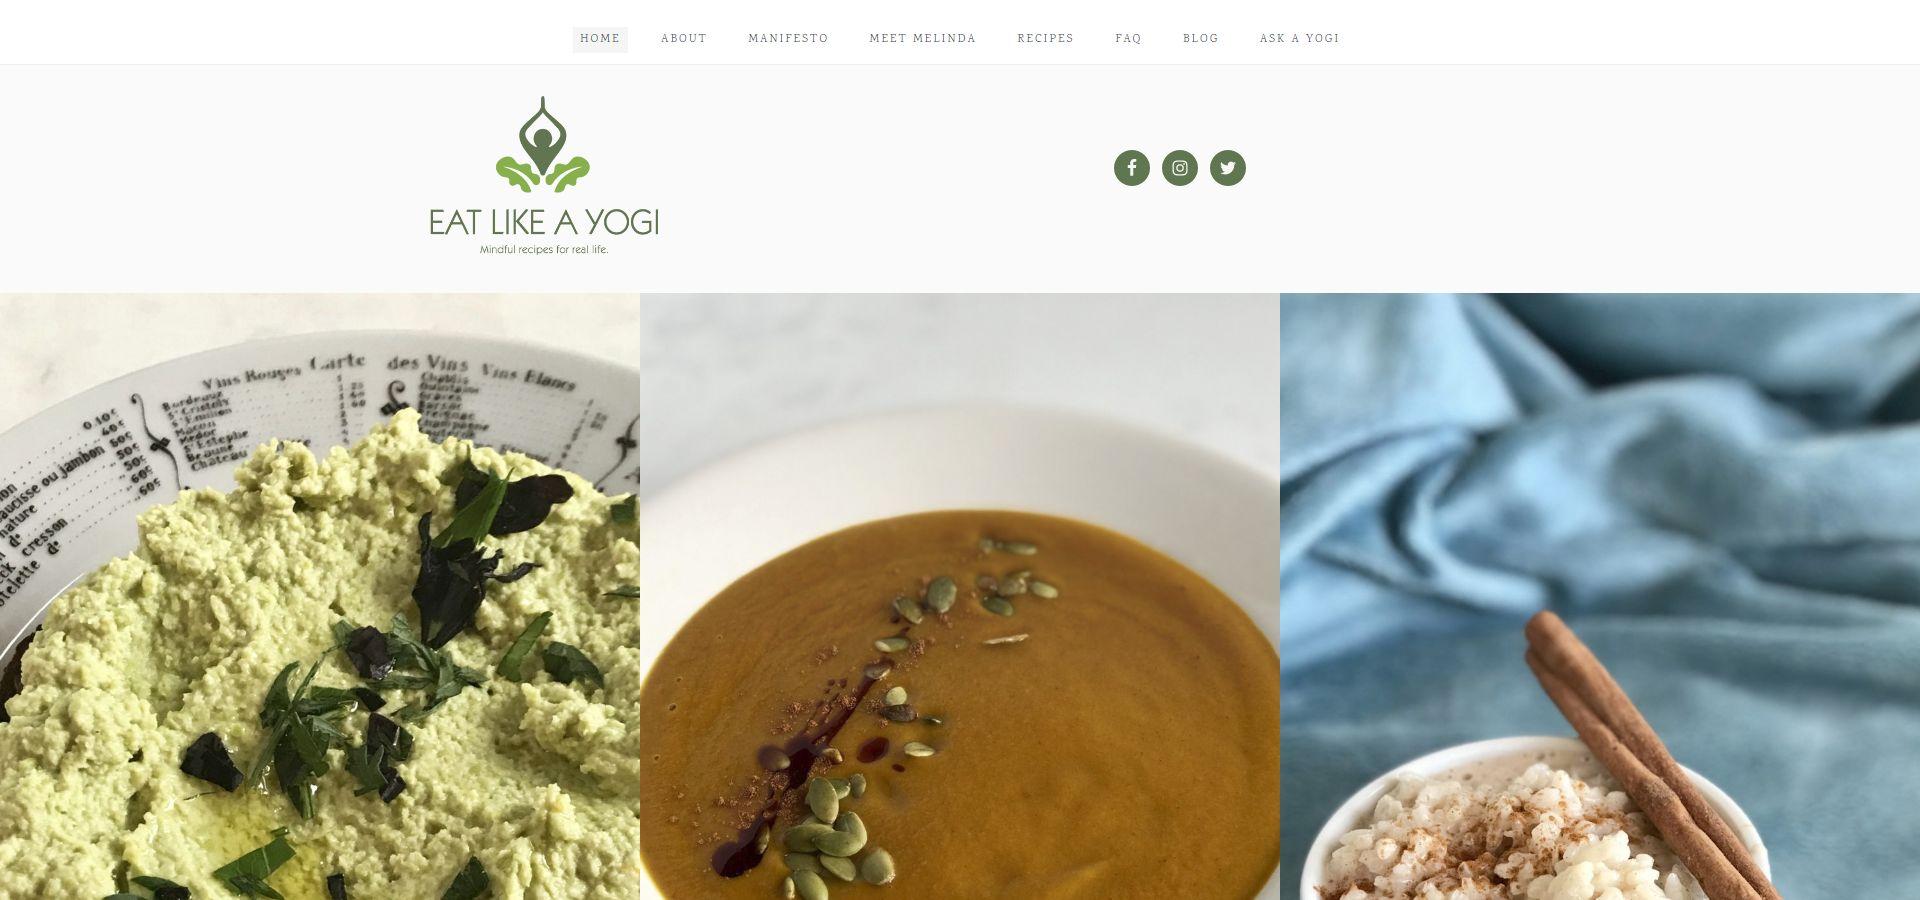 Eat Like a Yogi website by Webcami